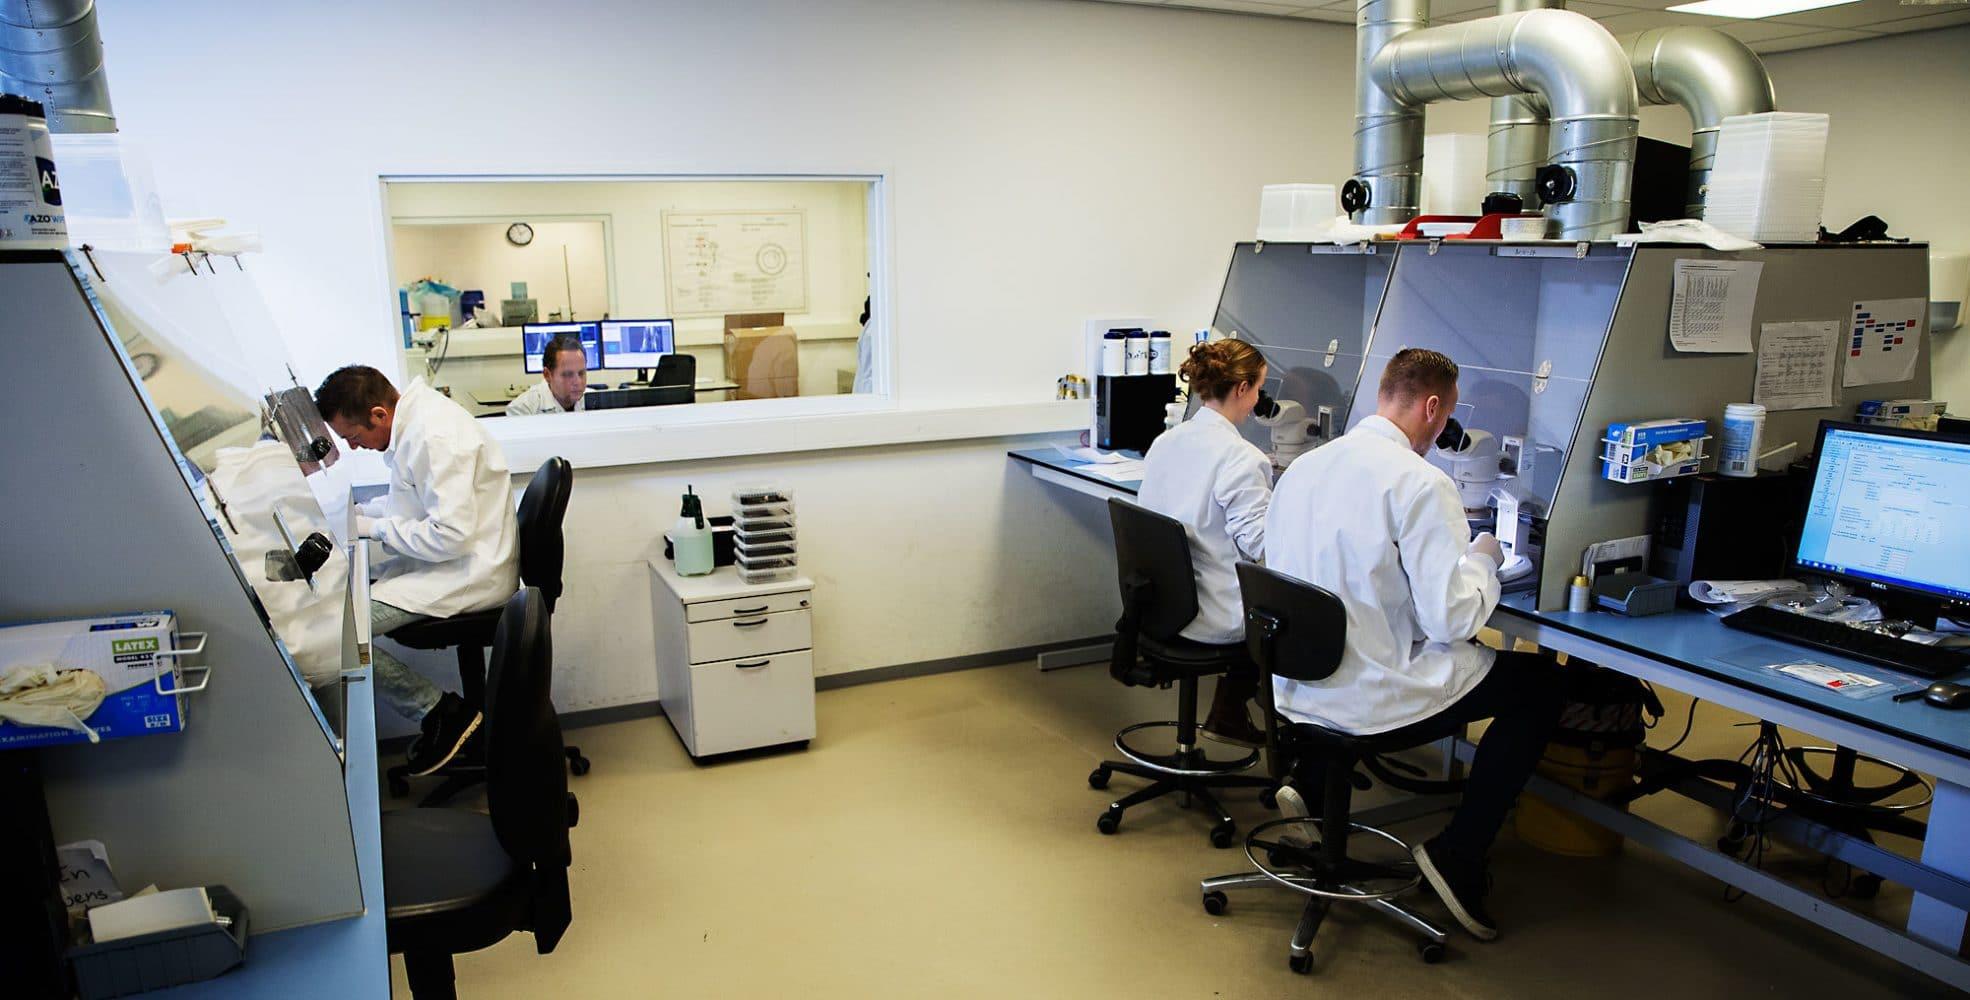 Laboratorium_RPS_Breda